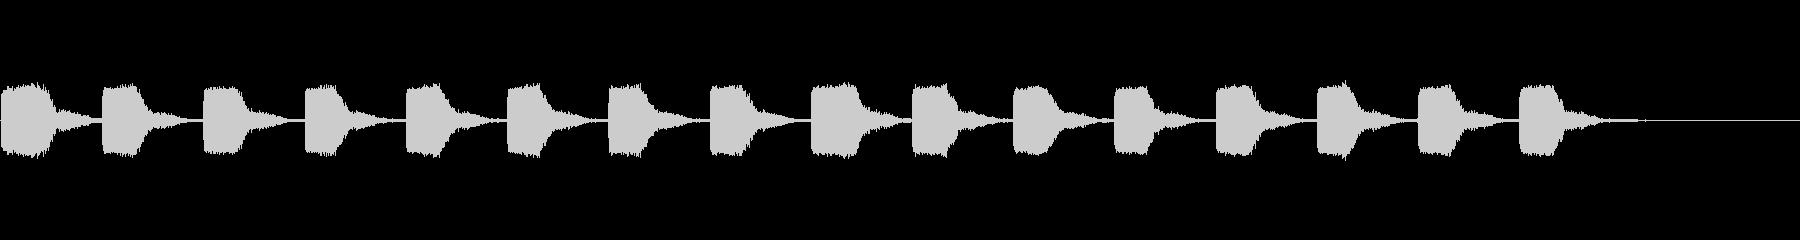 警告、緊急事態などに適したアラーム音の未再生の波形